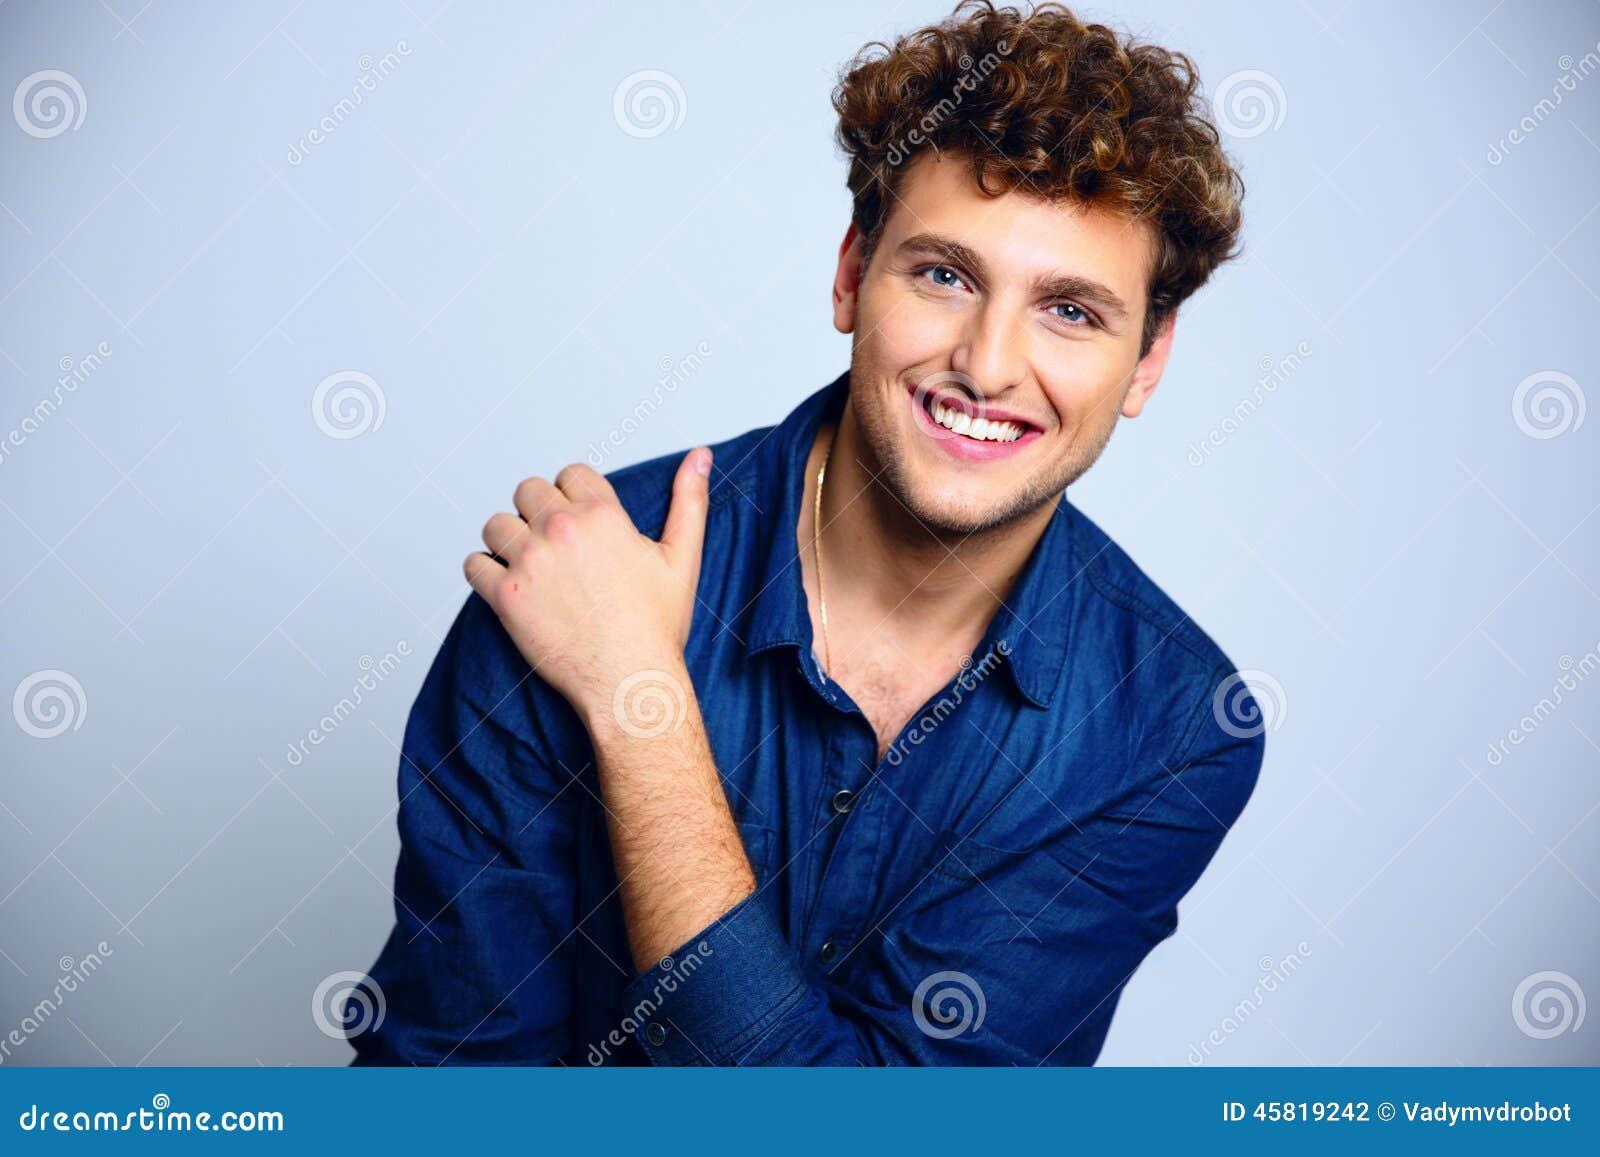 jeune homme heureux avec les cheveux boucl s photo stock image 45819242. Black Bedroom Furniture Sets. Home Design Ideas